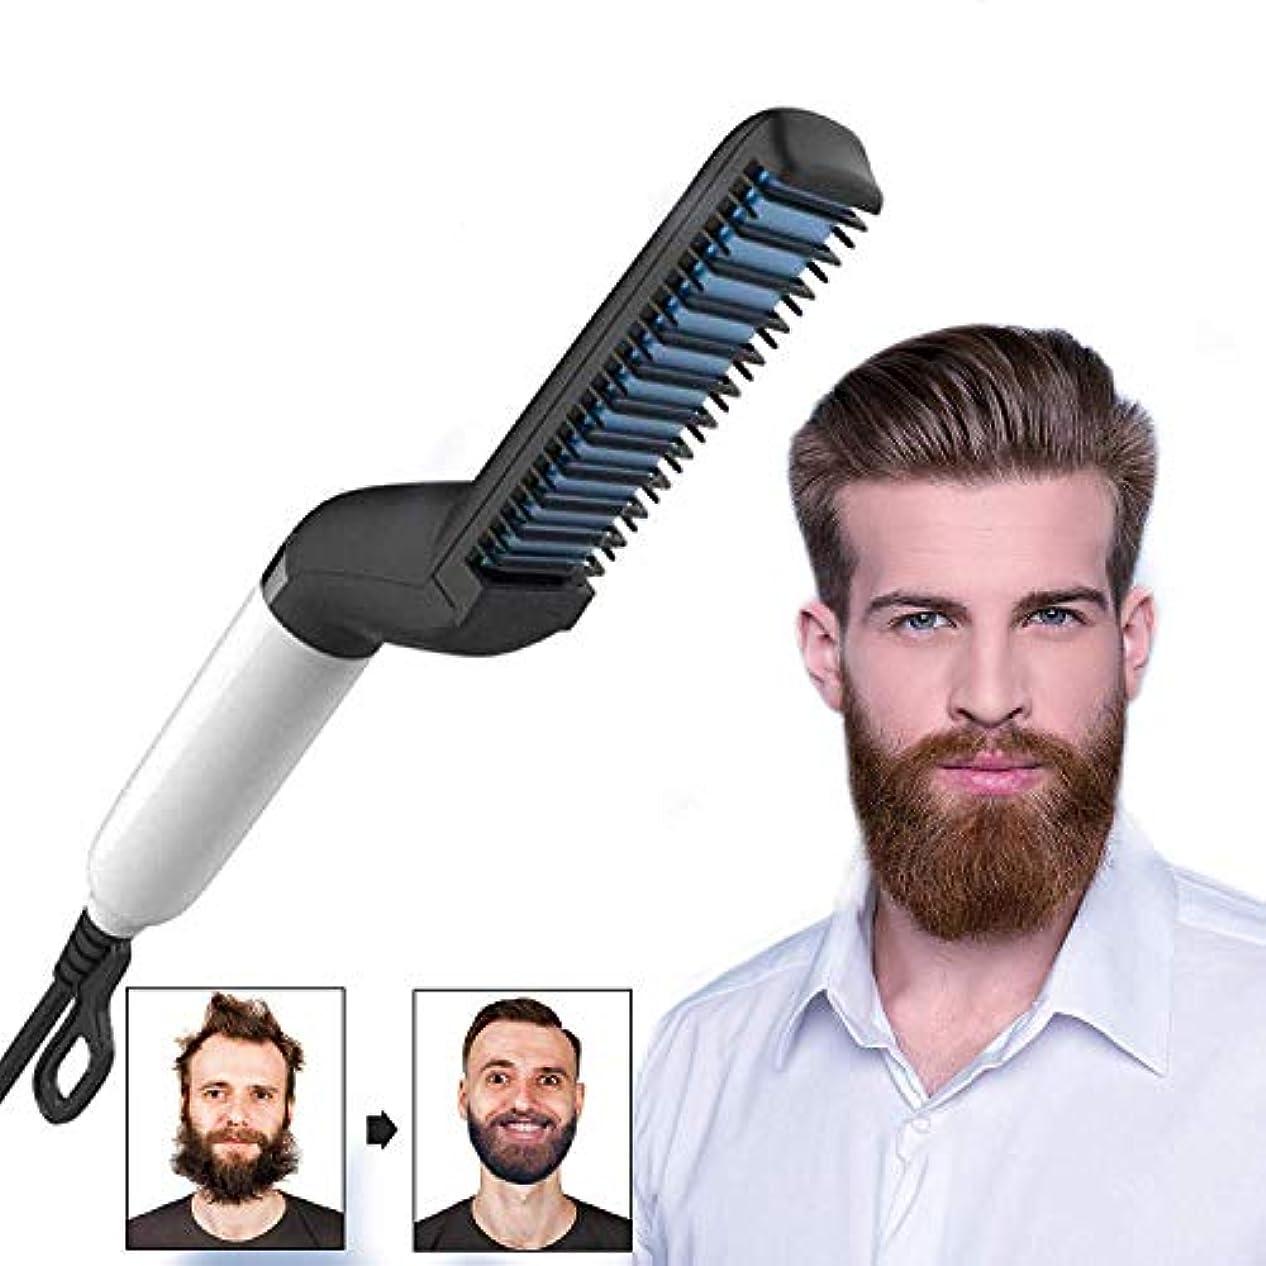 使用法ウミウシ解放するひげ矯正、多機能電気ひげと男性のためのヒートブラシの櫛を矯正髪、、最高のギフトのための熱ひげ矯正ブラシ